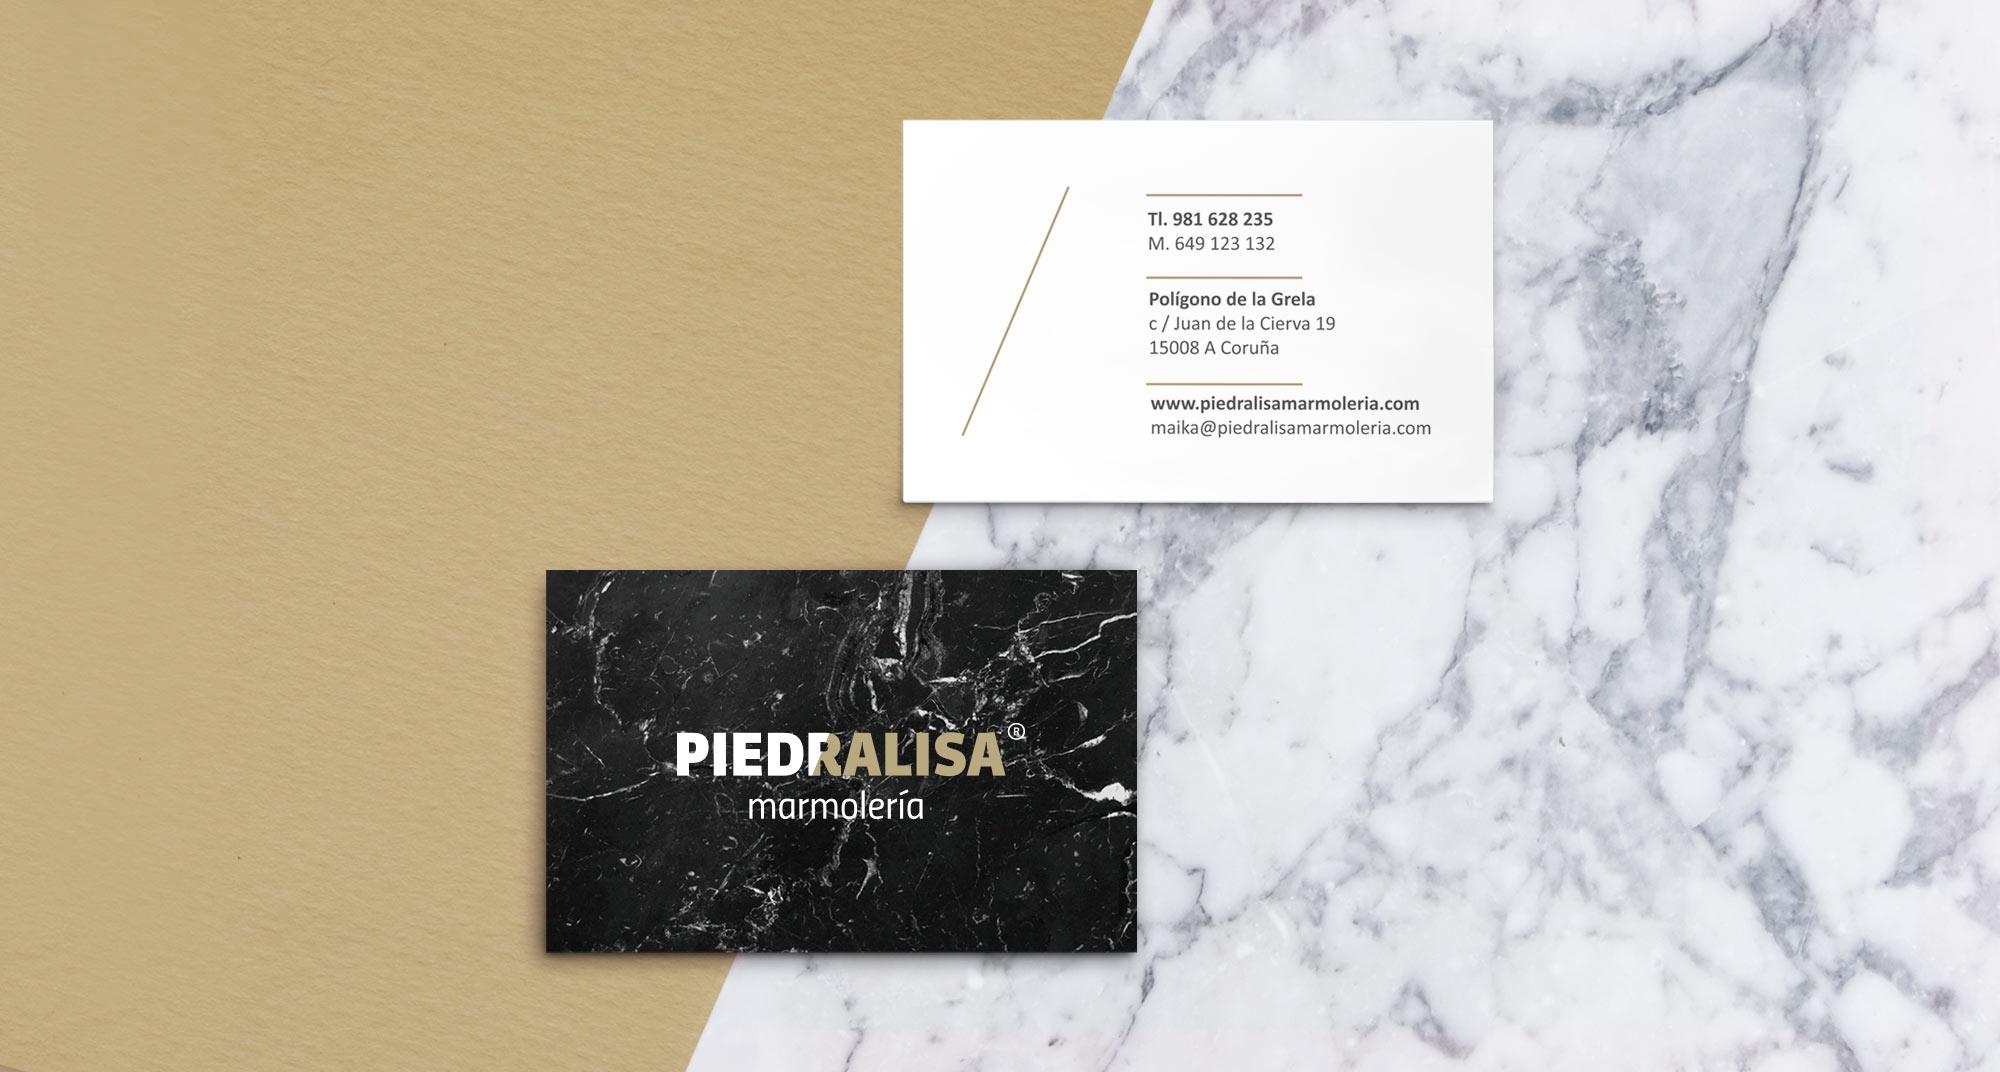 Línea gráfica y diseño para la marca de la marmolería Piedralisa